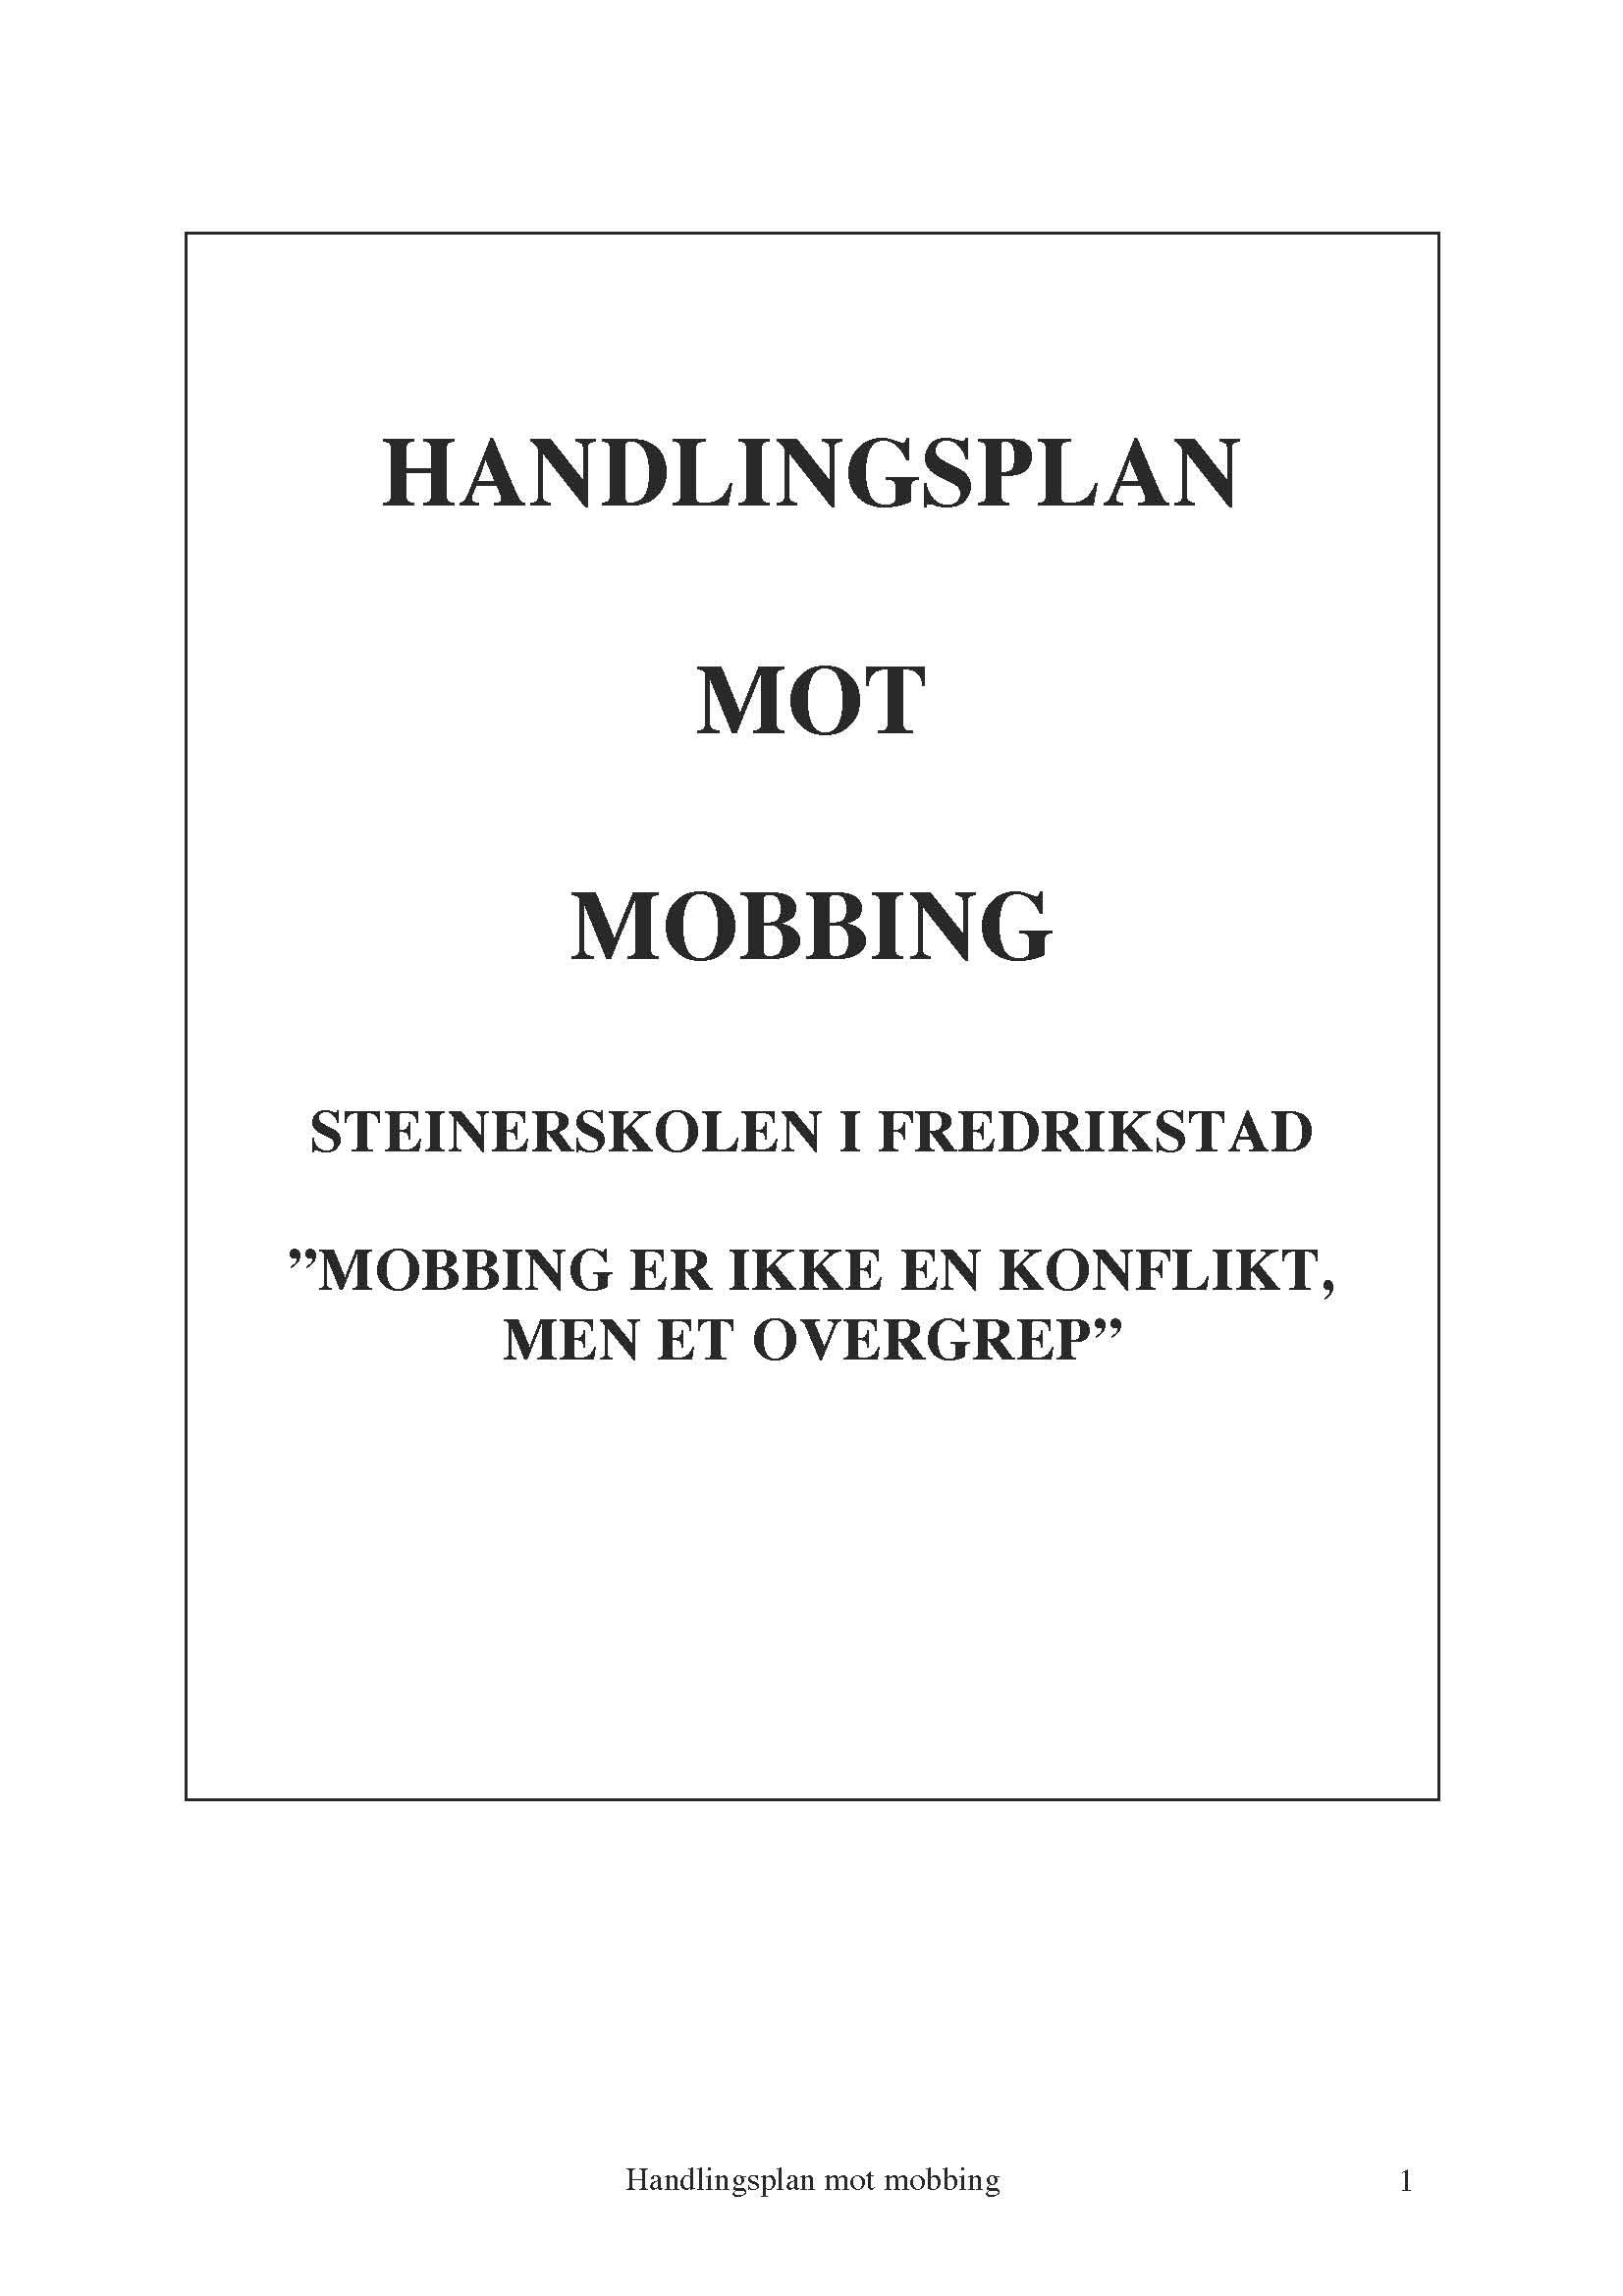 Handlingsplan mot mobbing _Page_01.jpg